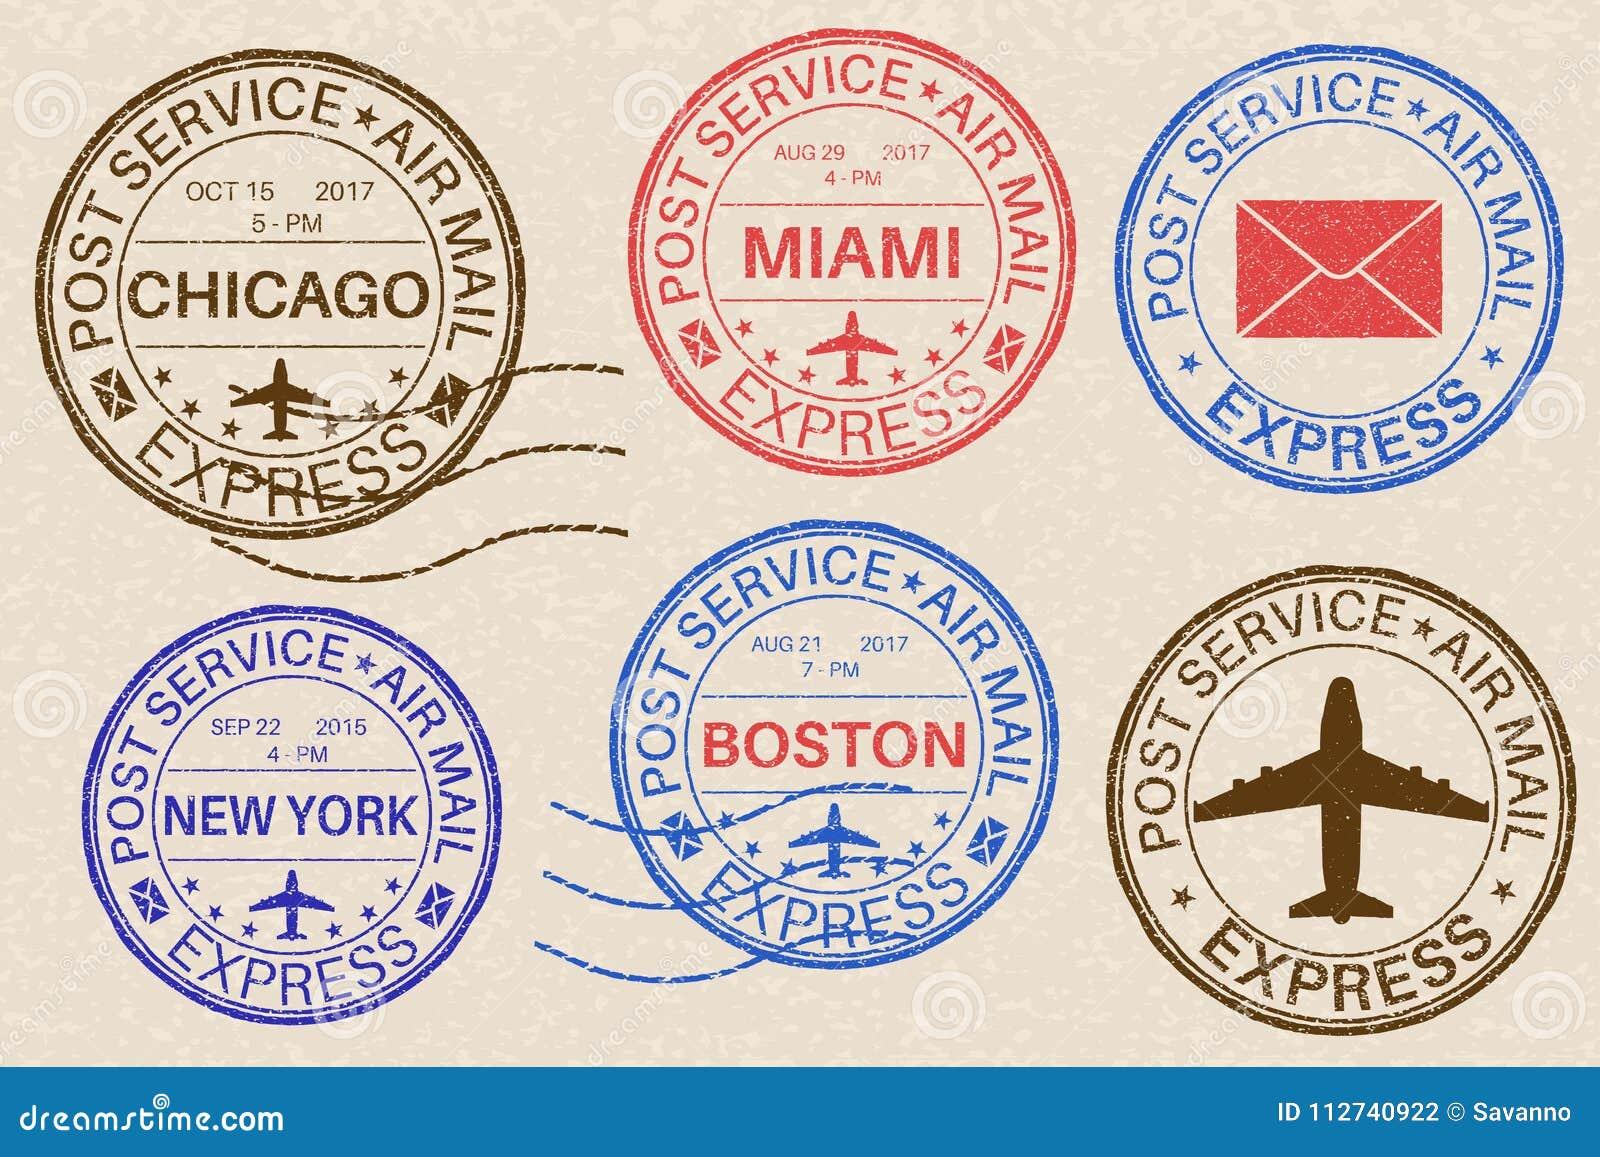 Poststempel Sammlung Tintenstempel auf beige Hintergrund